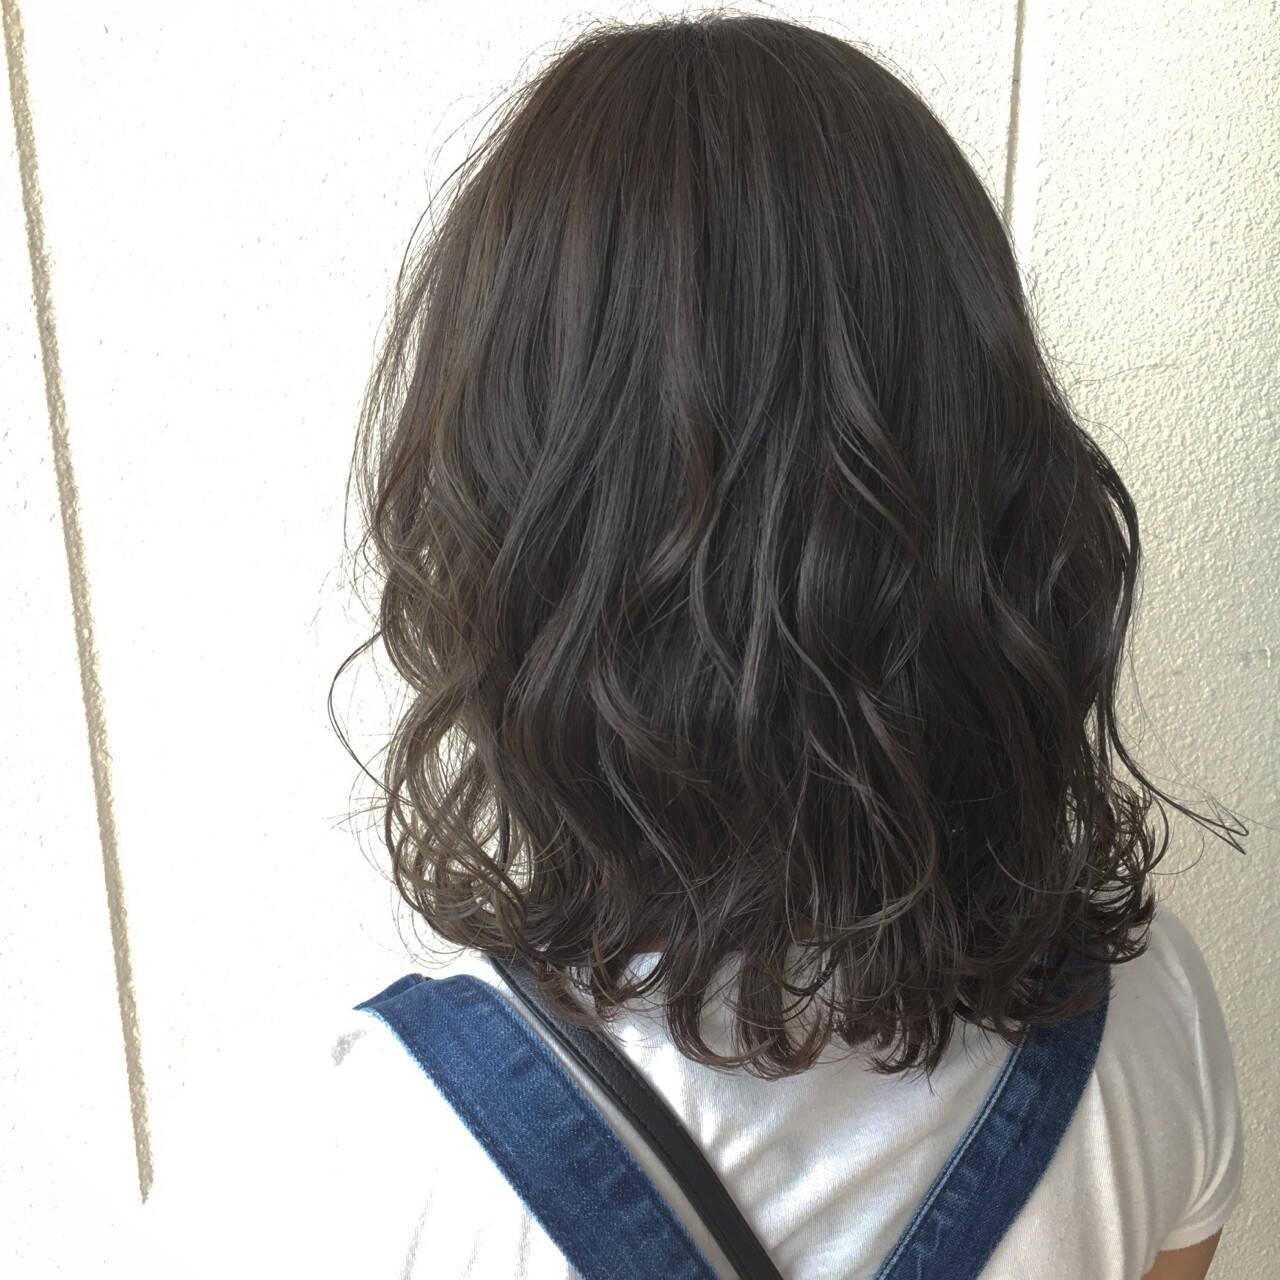 ミディアム ニュアンス 外国人風 フェミニンヘアスタイルや髪型の写真・画像